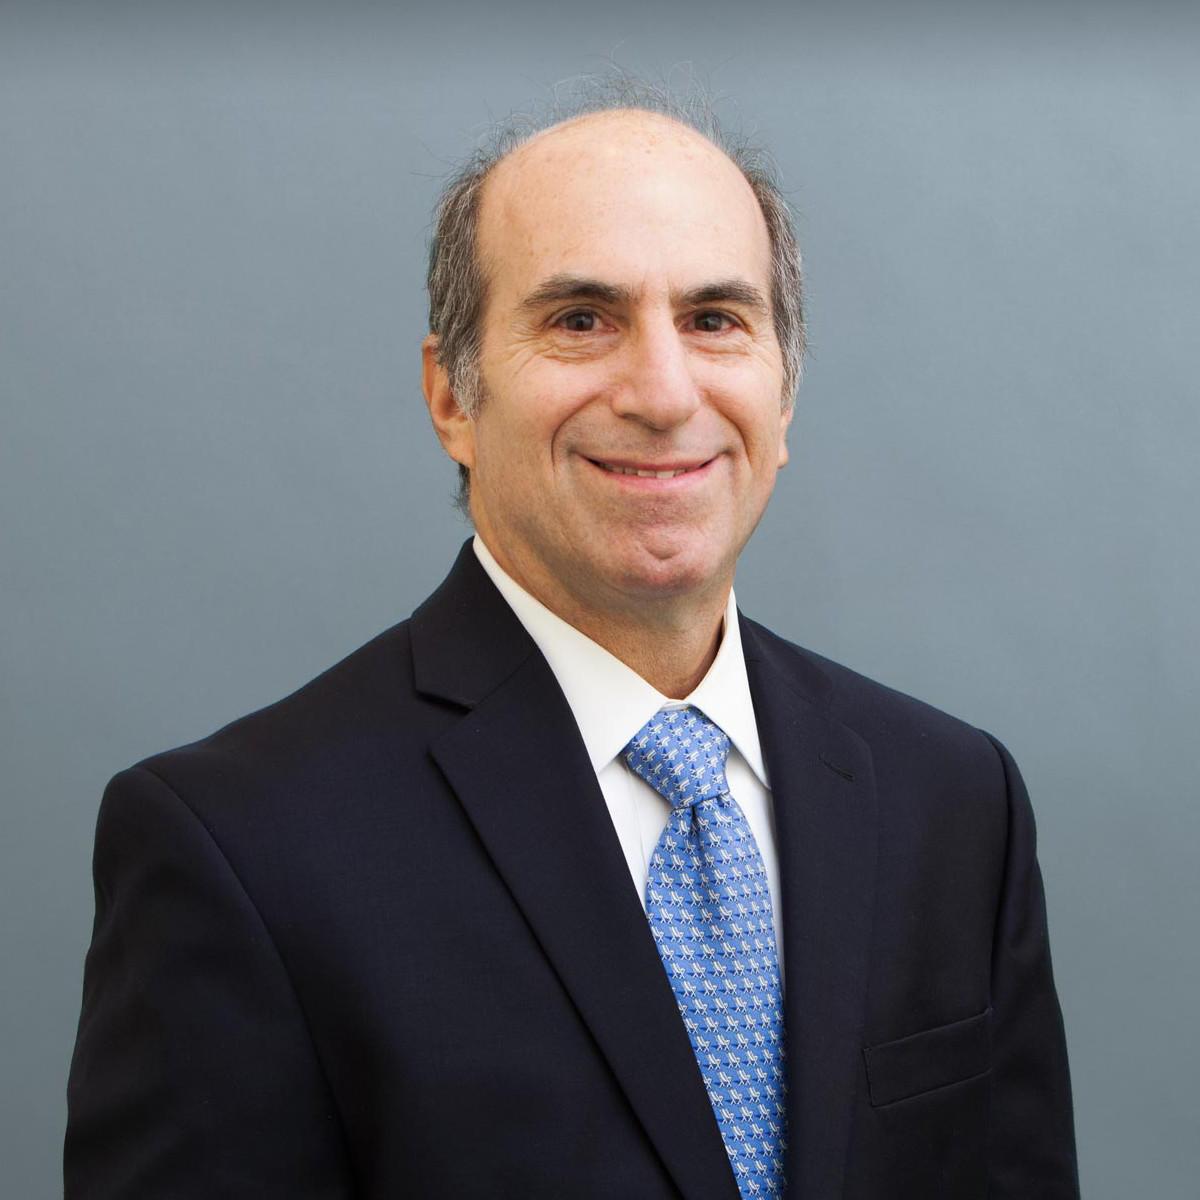 Steven J. Ravich, MD